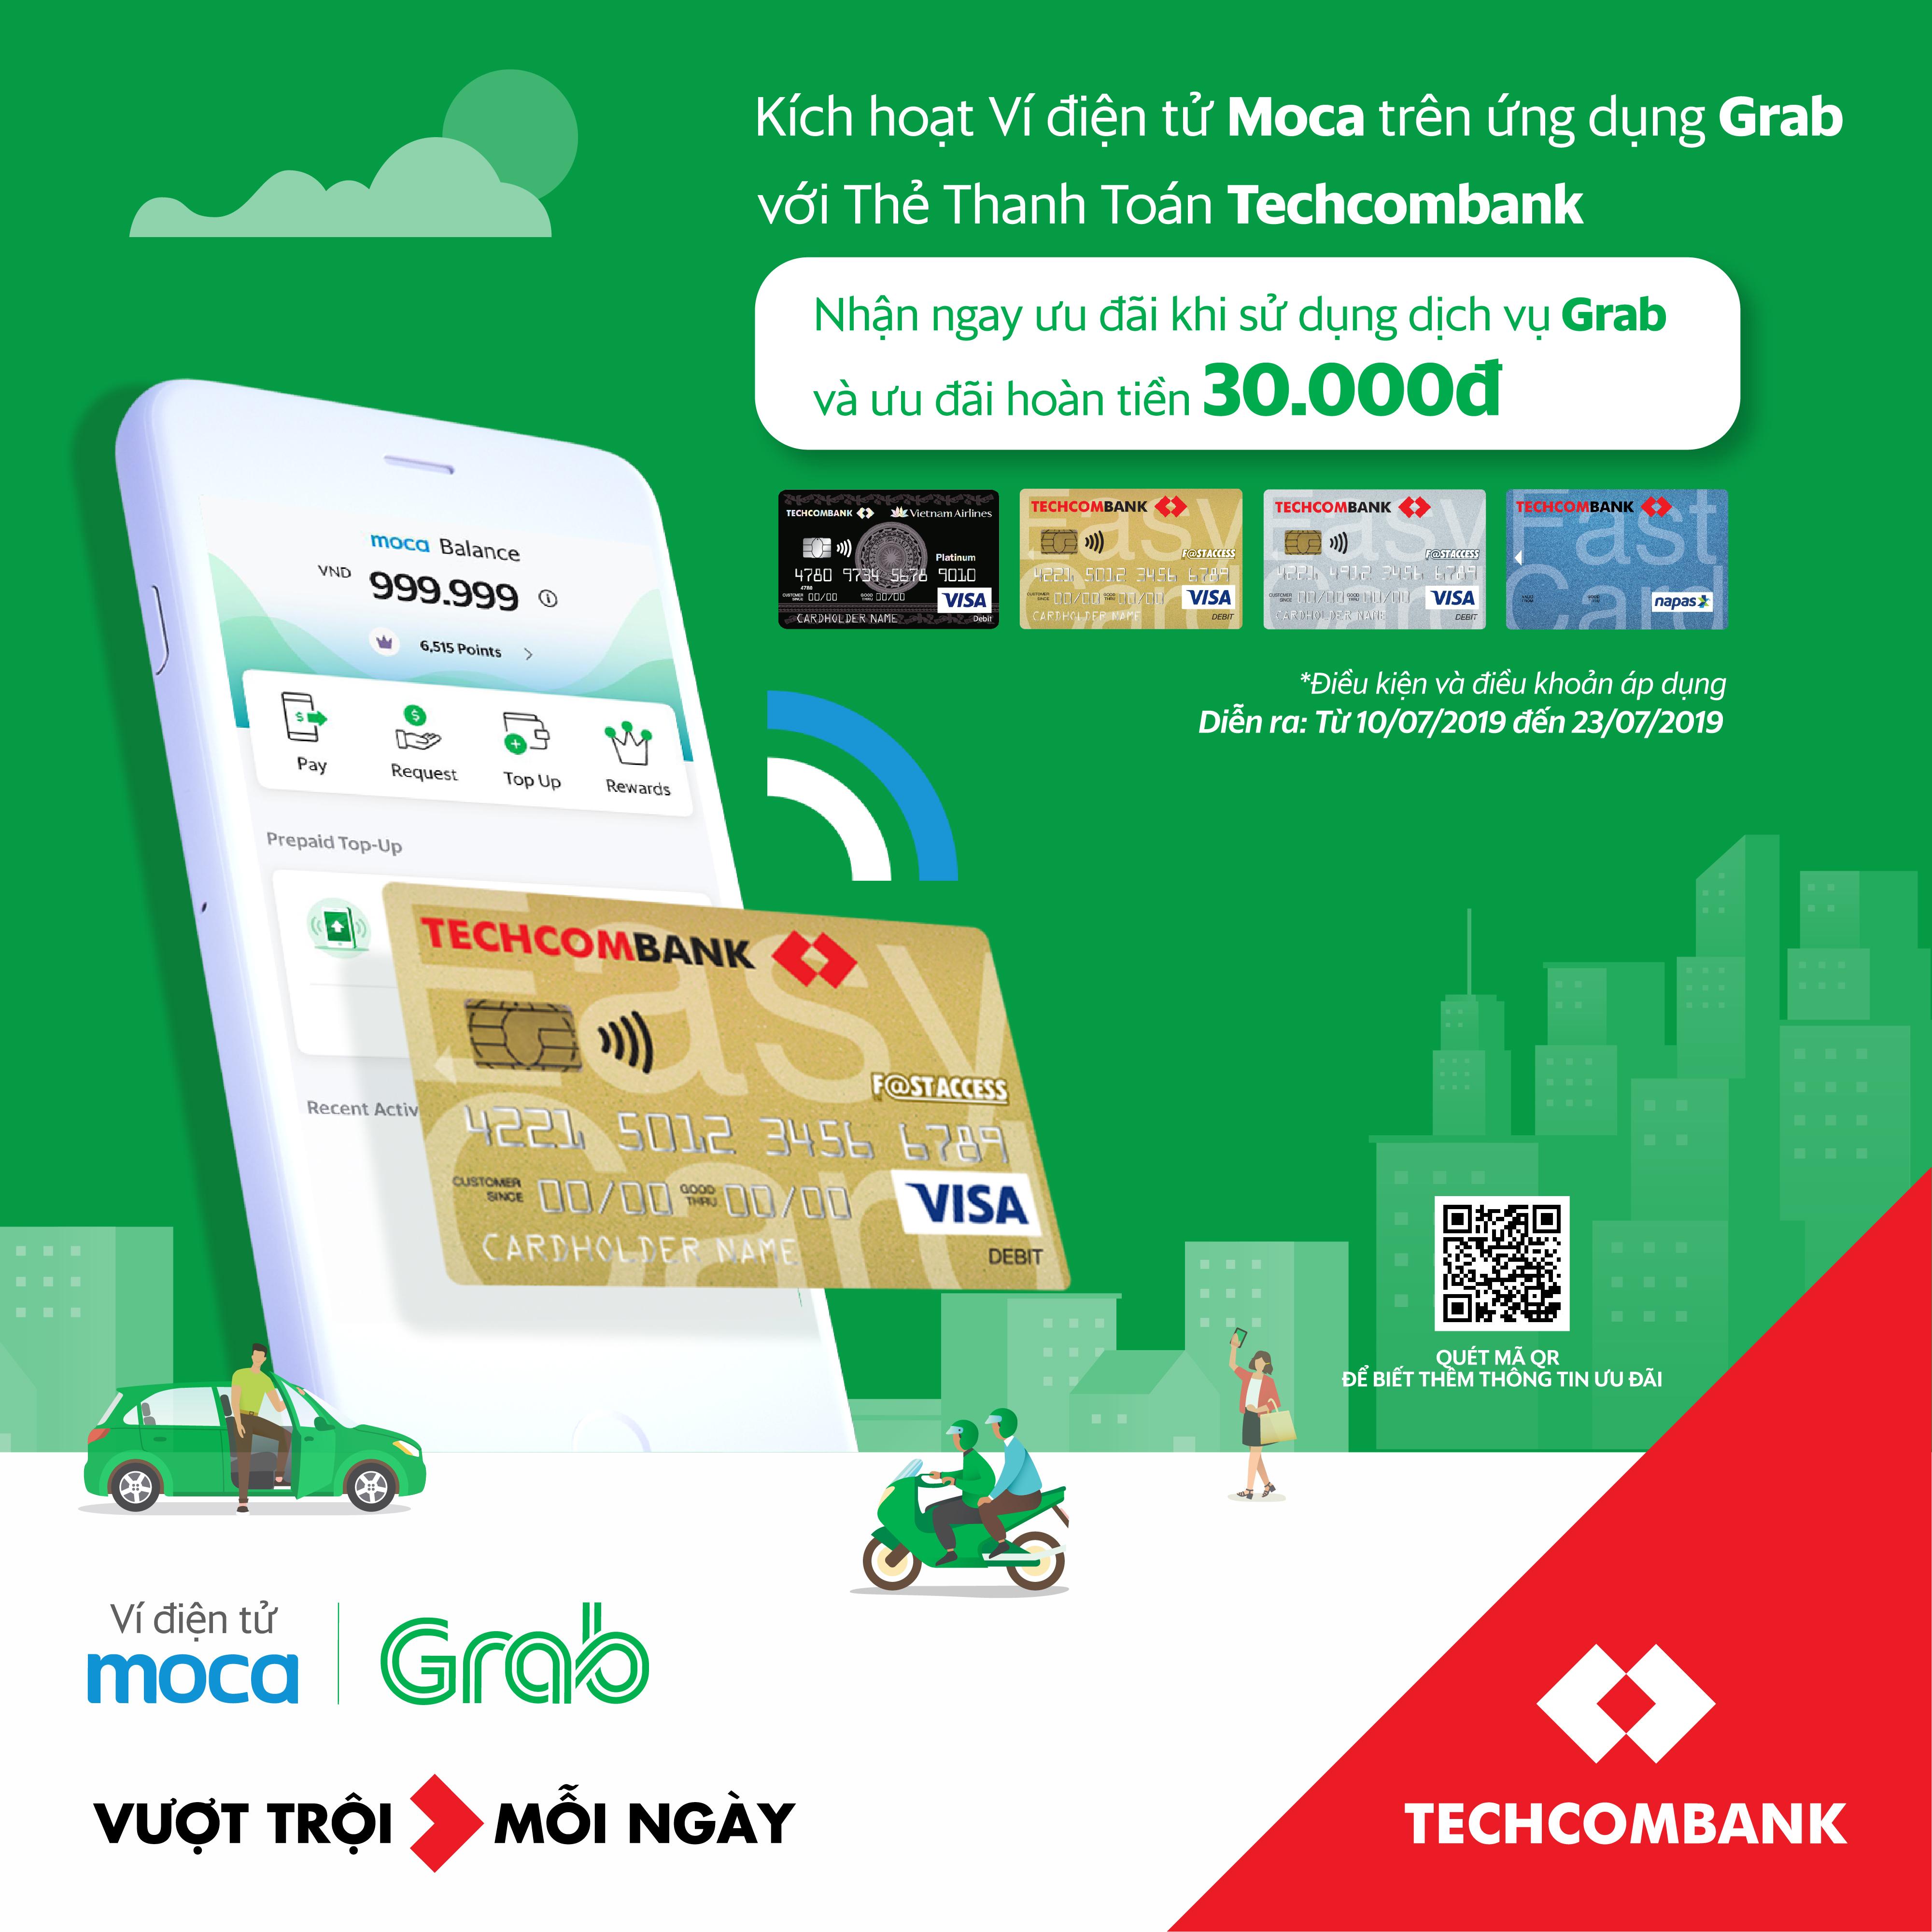 Ví điện tử Moca trên ứng dụng Grab chính thức liên kết với Techcombank: Gia tăng lợi ích vượt trội cho Khách hàng